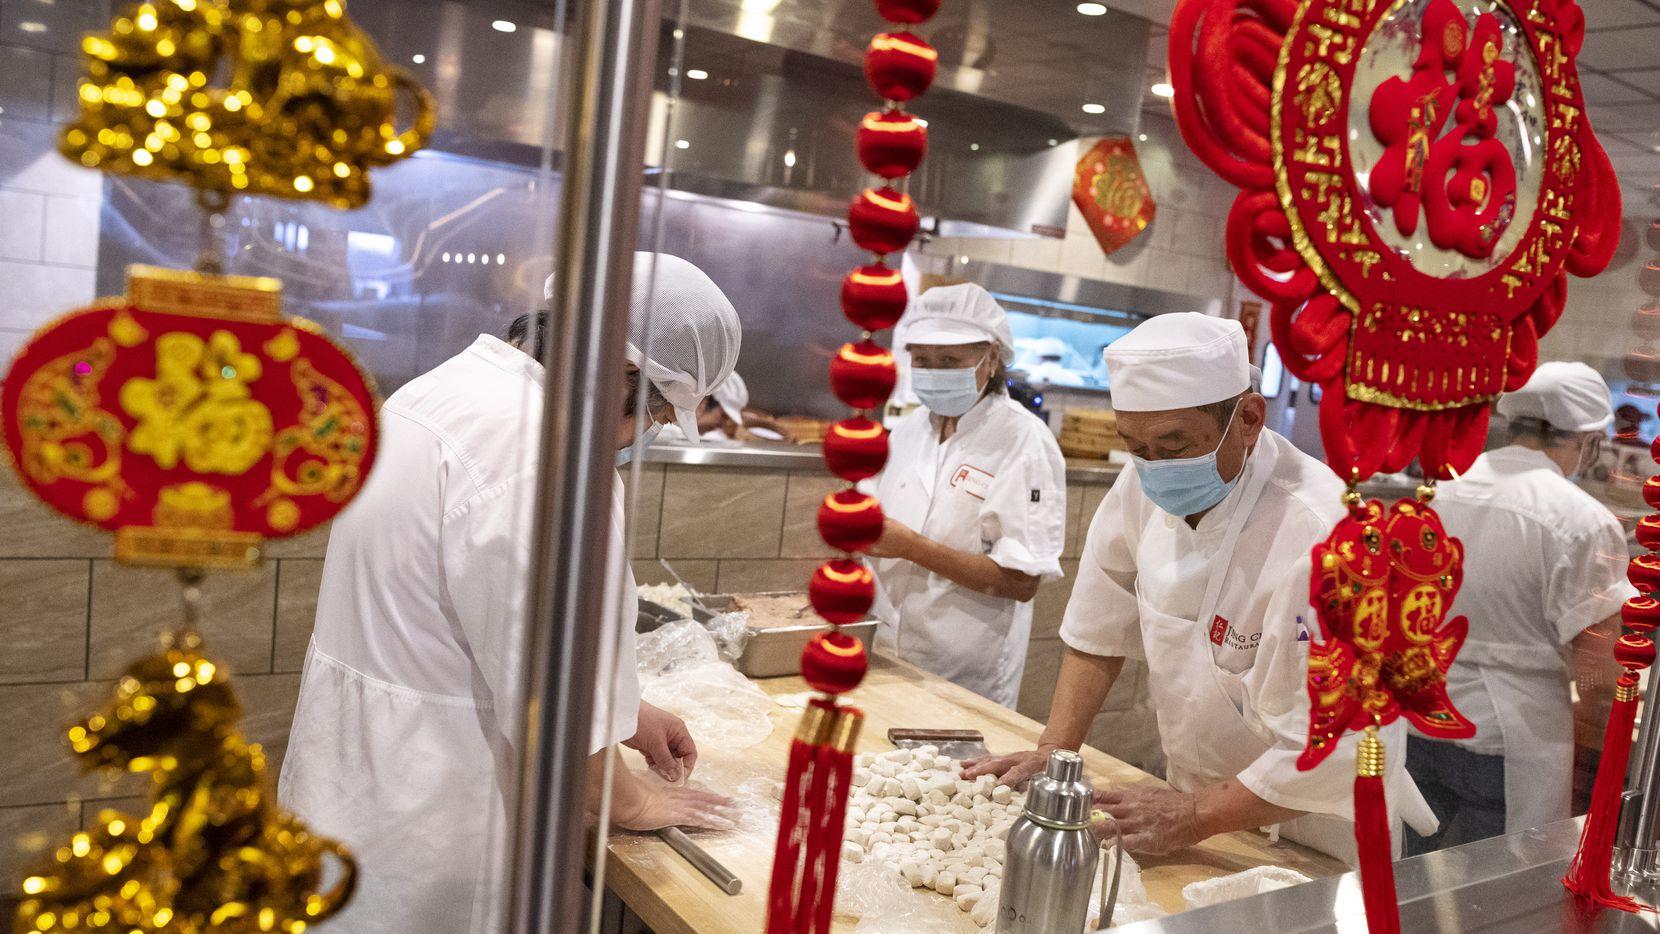 Yu Li (der.) y otros empleados hacen dumplings en Jeng Chi, un restaurante en Richardson que ha realizado desinfecciones permanentes para evitar casos de covid-19. Su negocio a domicilio ha proliferado.